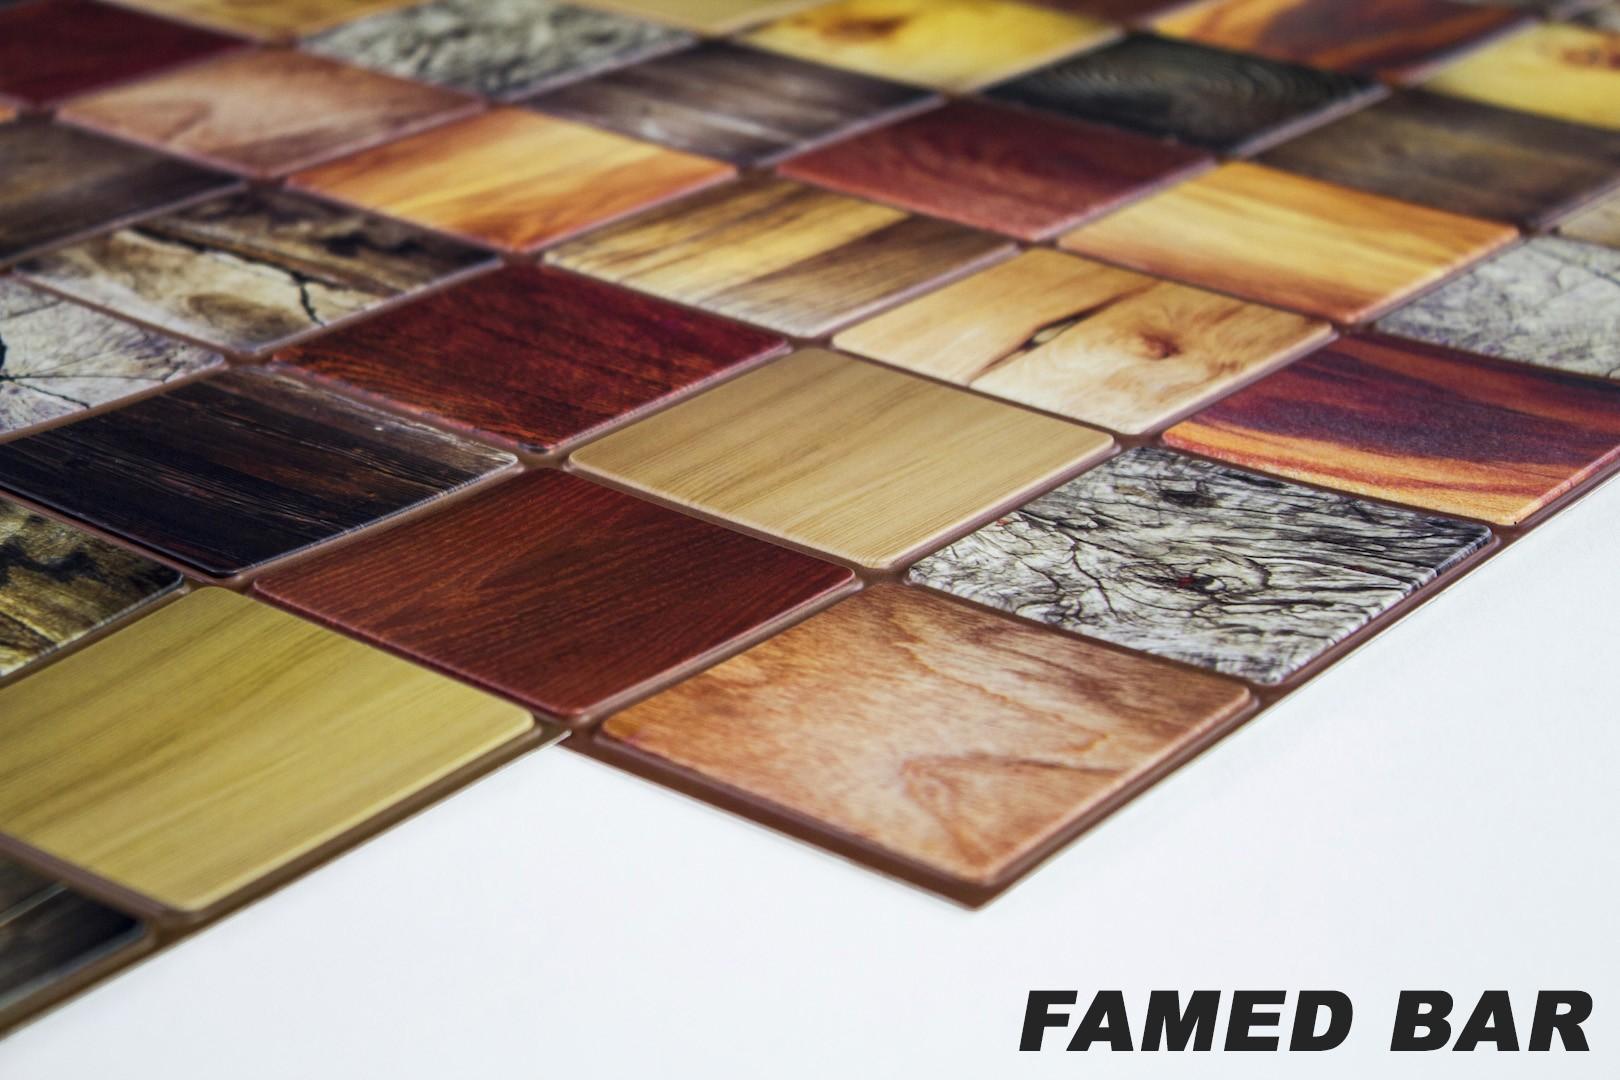 1 pvc dekorplatte mosaic wandverkleidung platten wand 95x48cm famed bar dekore aus pvc dekorplatten. Black Bedroom Furniture Sets. Home Design Ideas